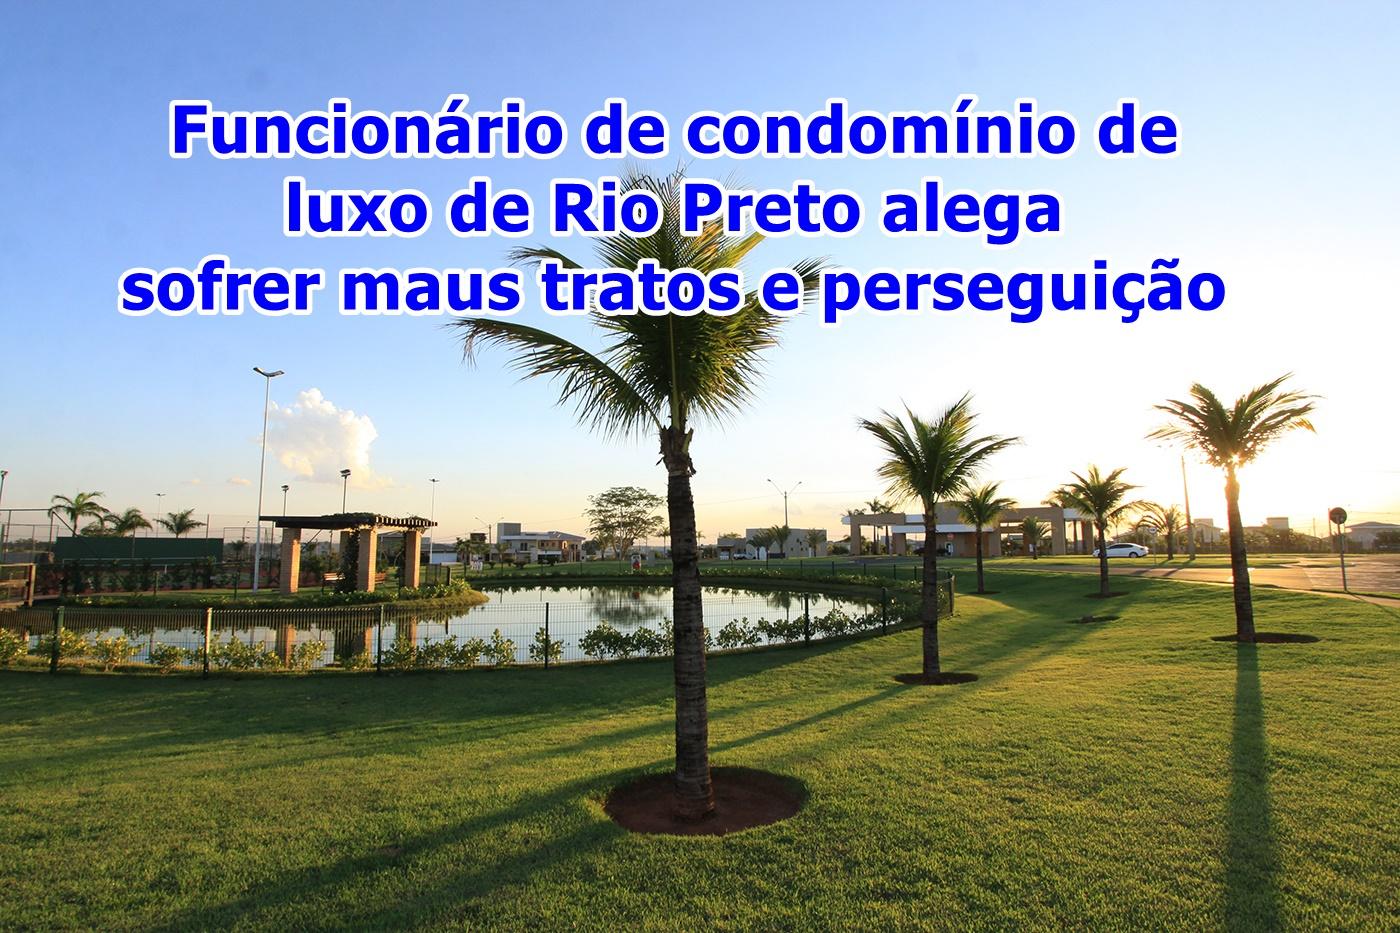 Funcionário de condomínio de luxo de Rio Preto alega sofrer maus tratos e perseguição